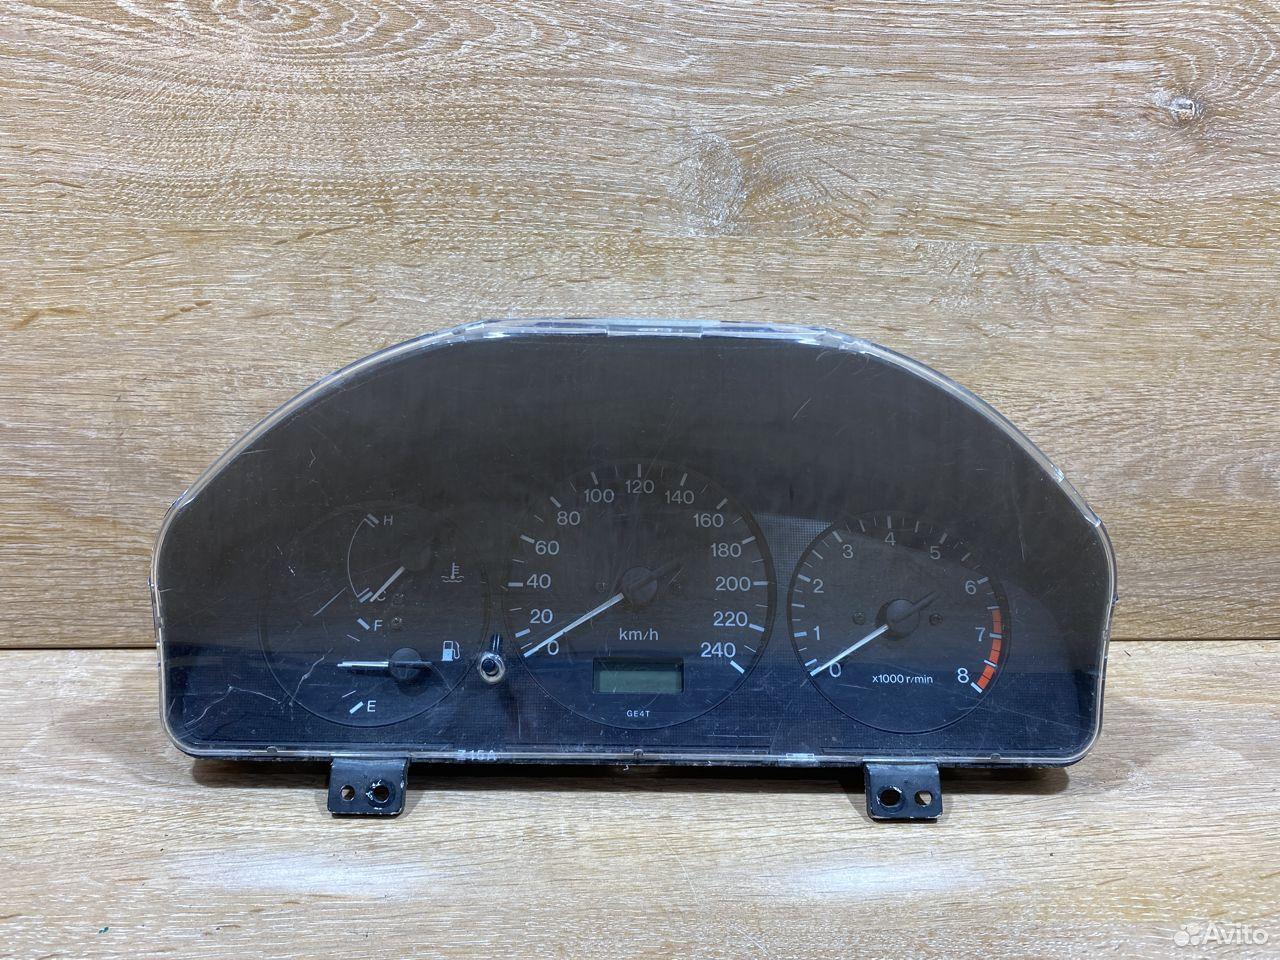 Панель приборов Mazda 626 GF бензин 772088  89534684247 купить 1